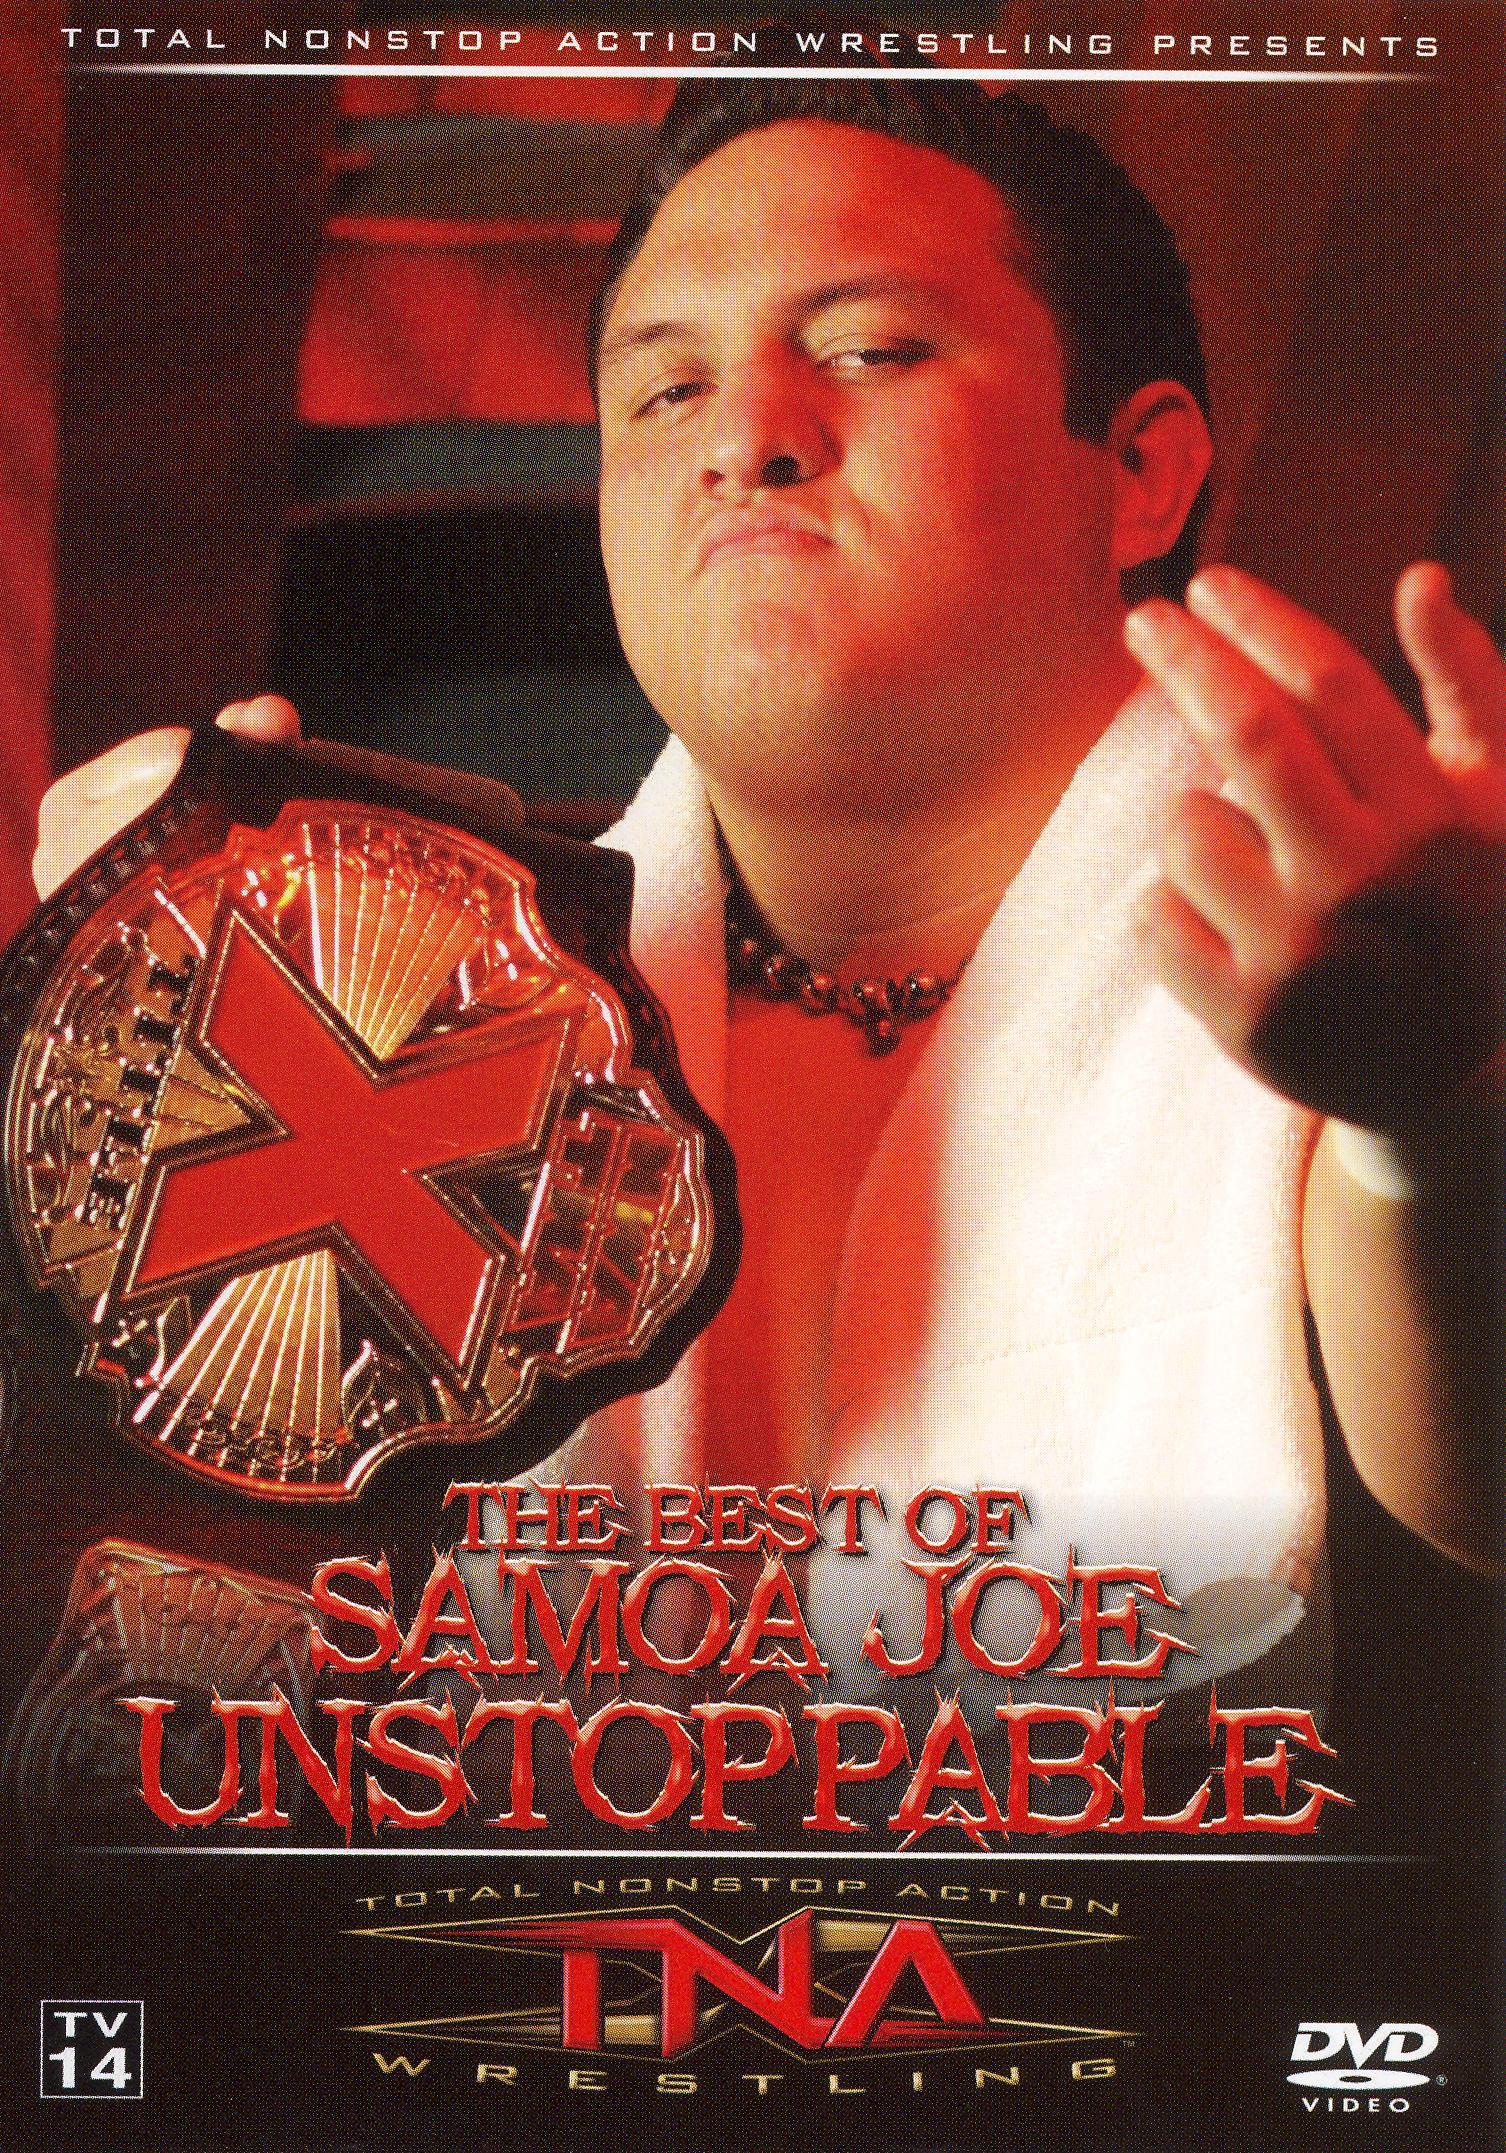 TNA Wrestling: The Best of Samoa Joe - Unstoppable